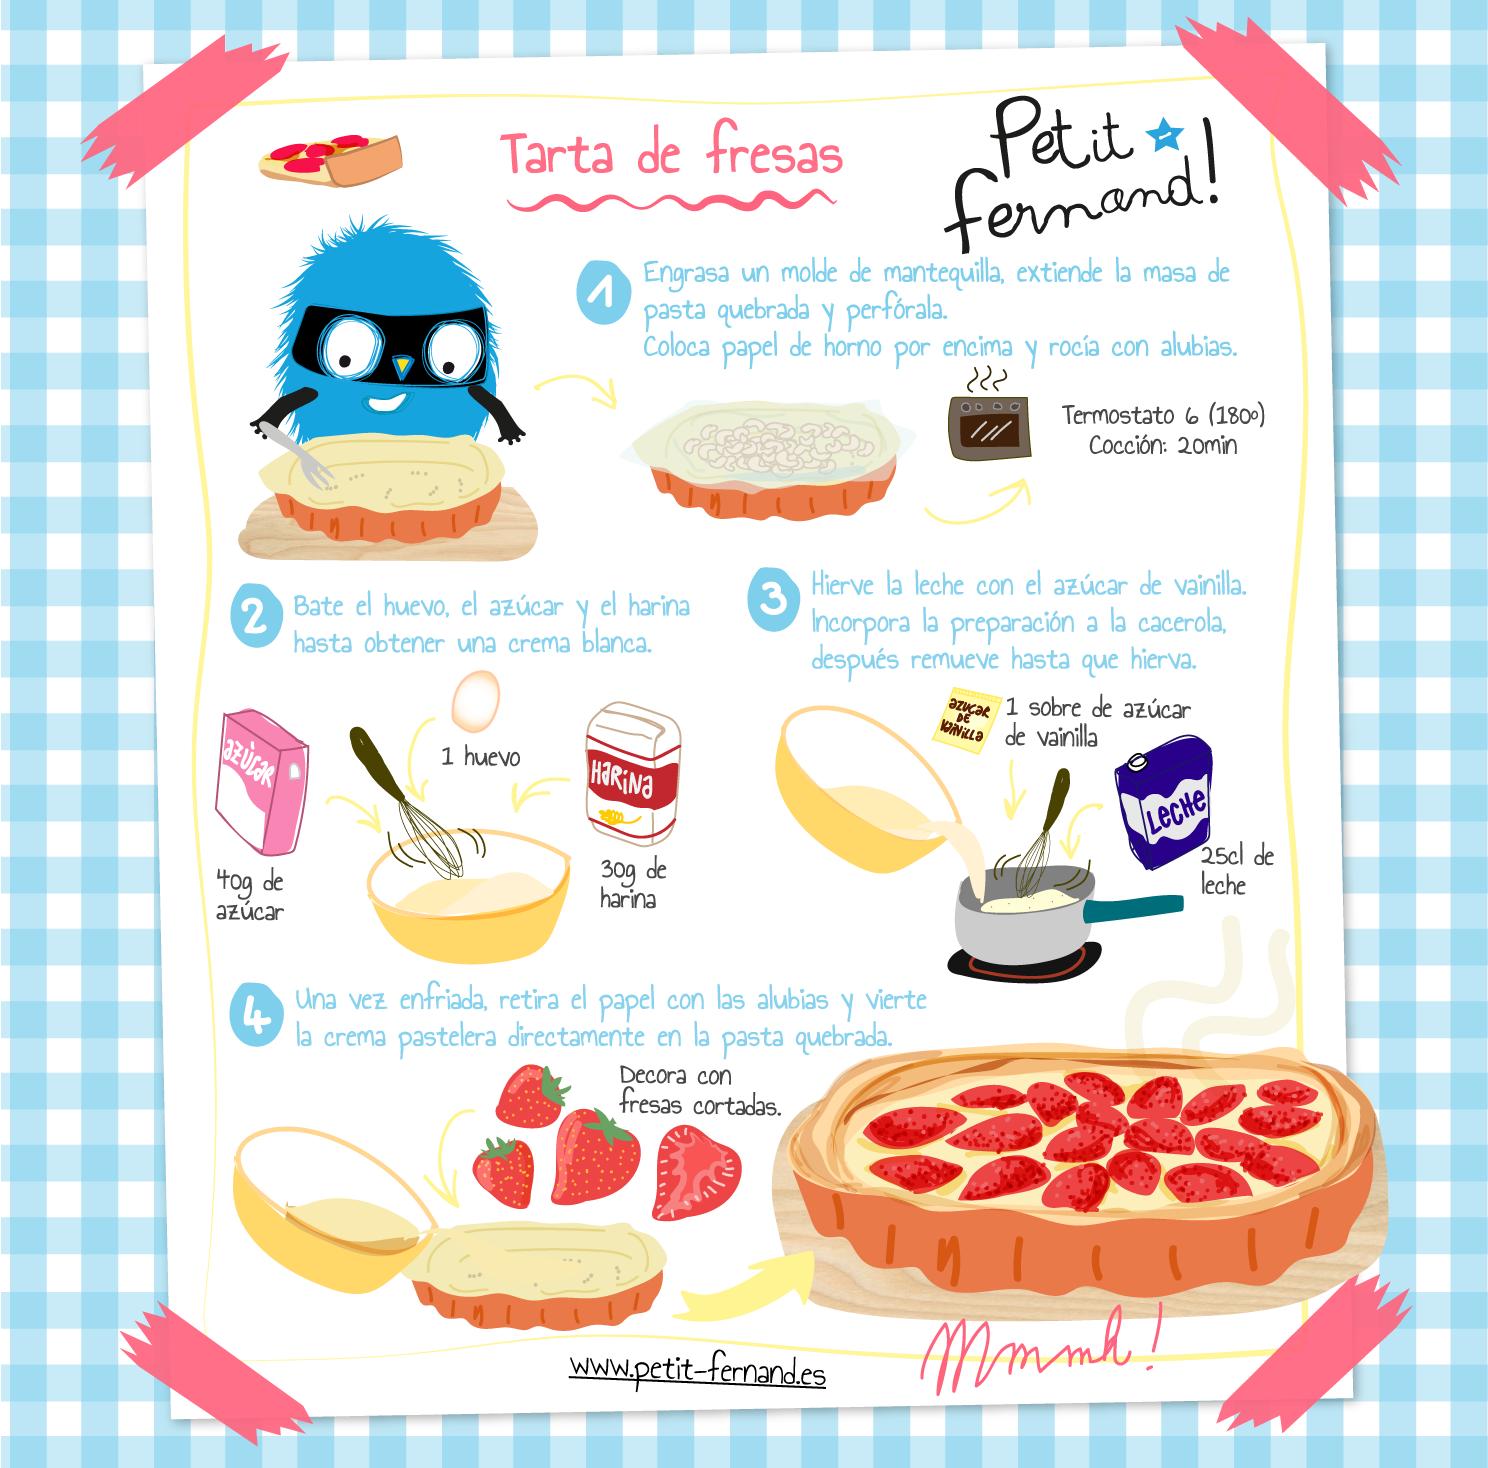 Receta Tarta de fresas